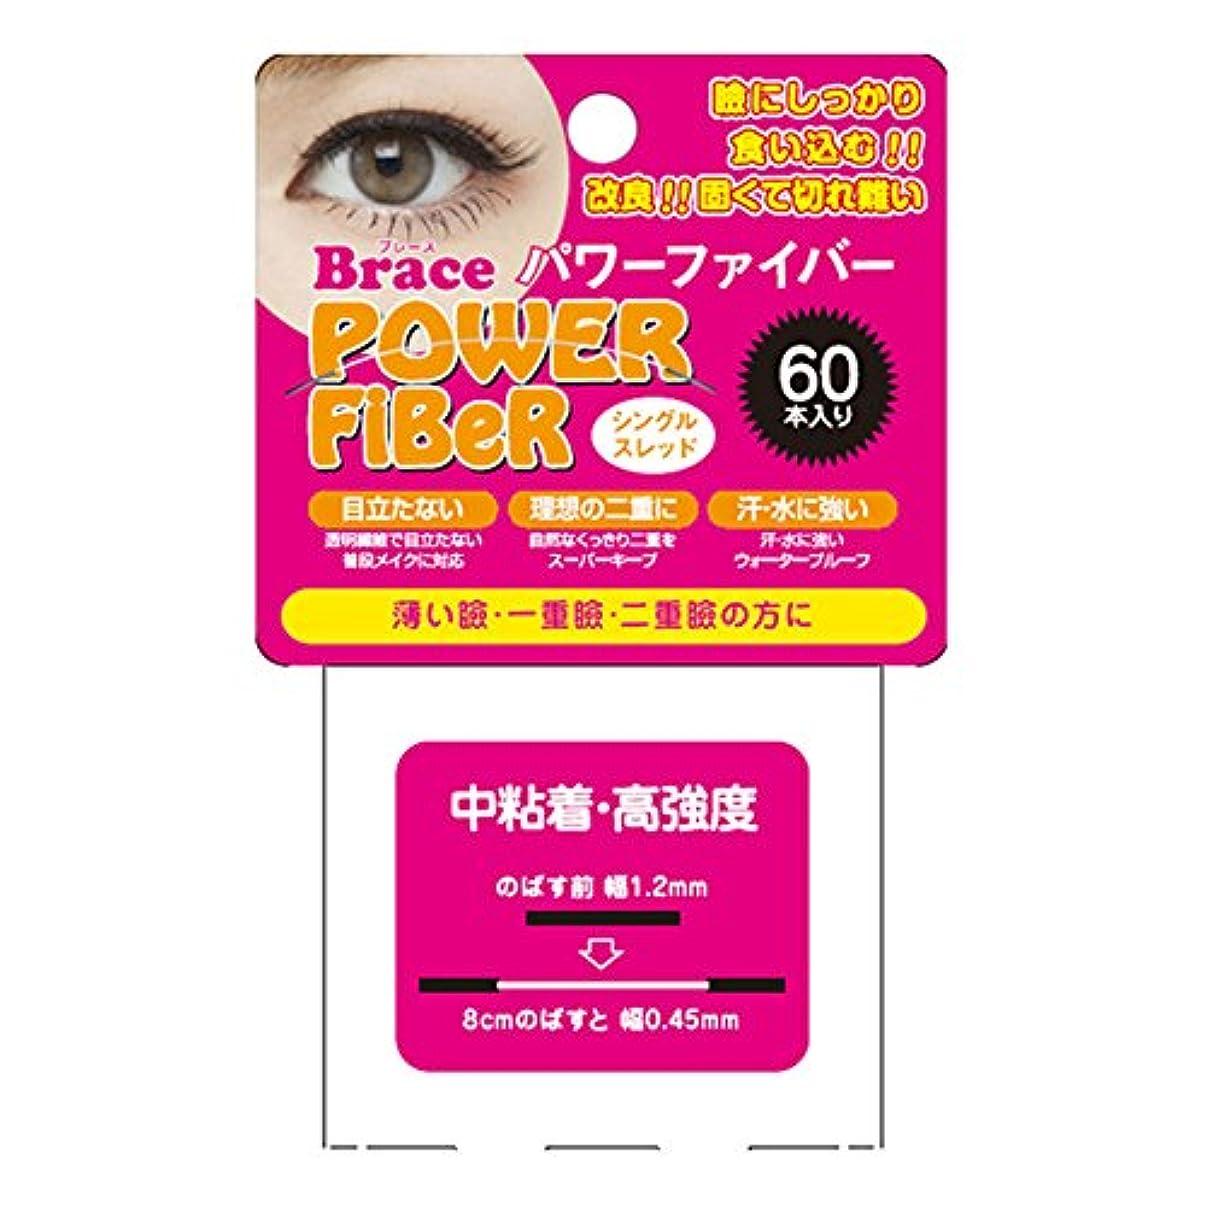 つば記録黒板Brace ブレース パワーファイバー シングルスレッド クリア 1.2mm 60本入 (眼瞼下垂防止用テープ)